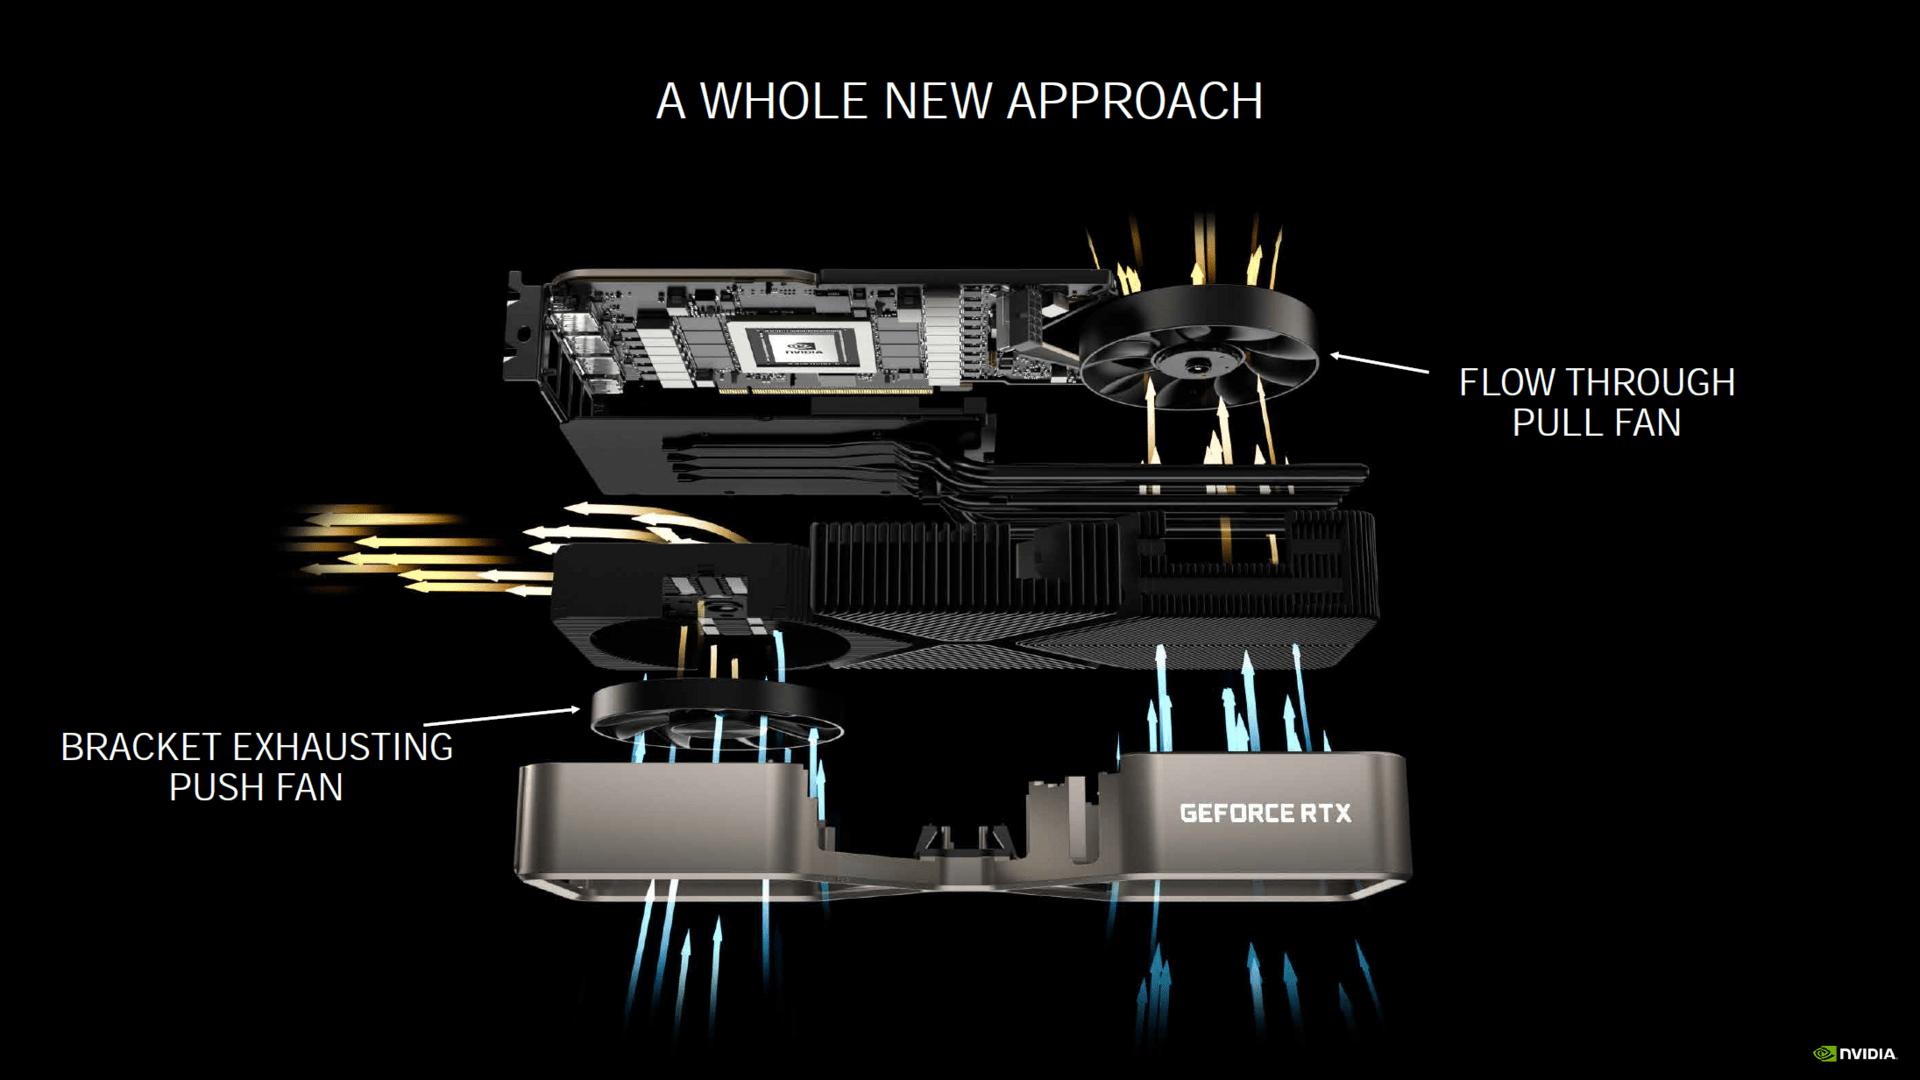 Der Kühler der GeForce RTX 3080 FE